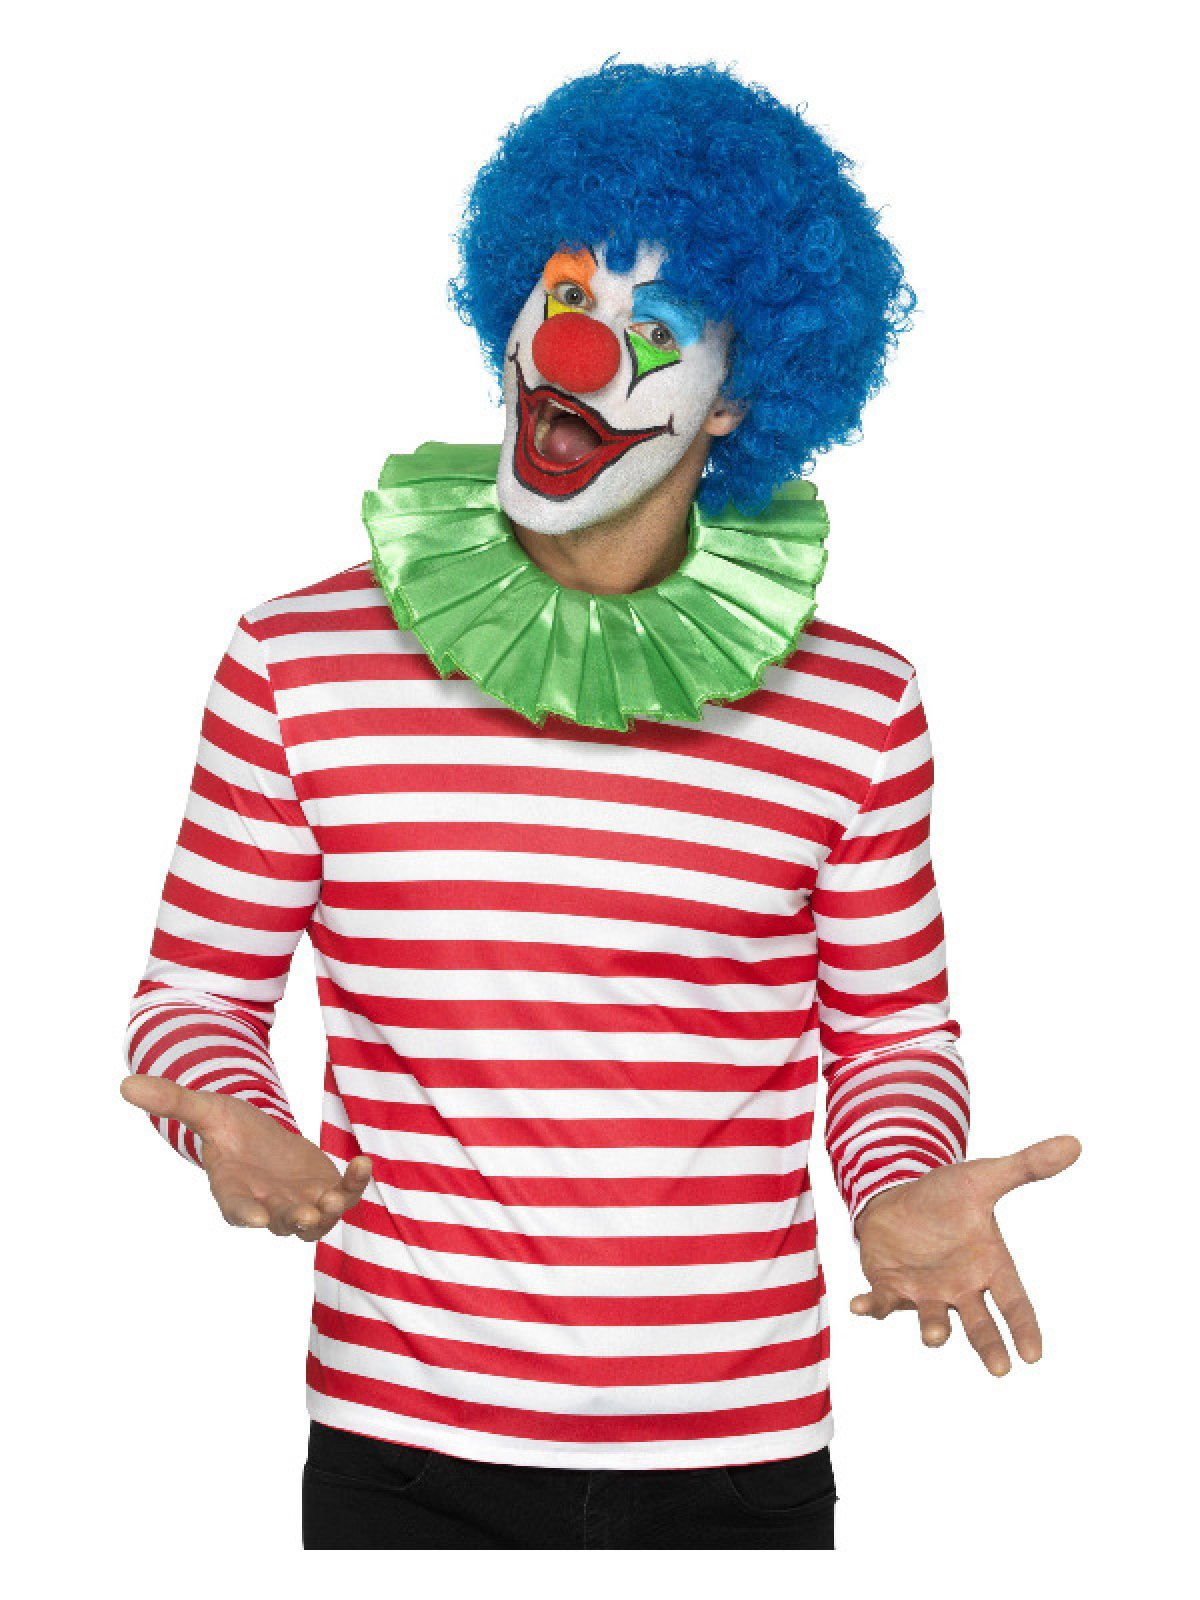 Kjøp Stripete T Skjorte RødHvit Online Nå kun 159